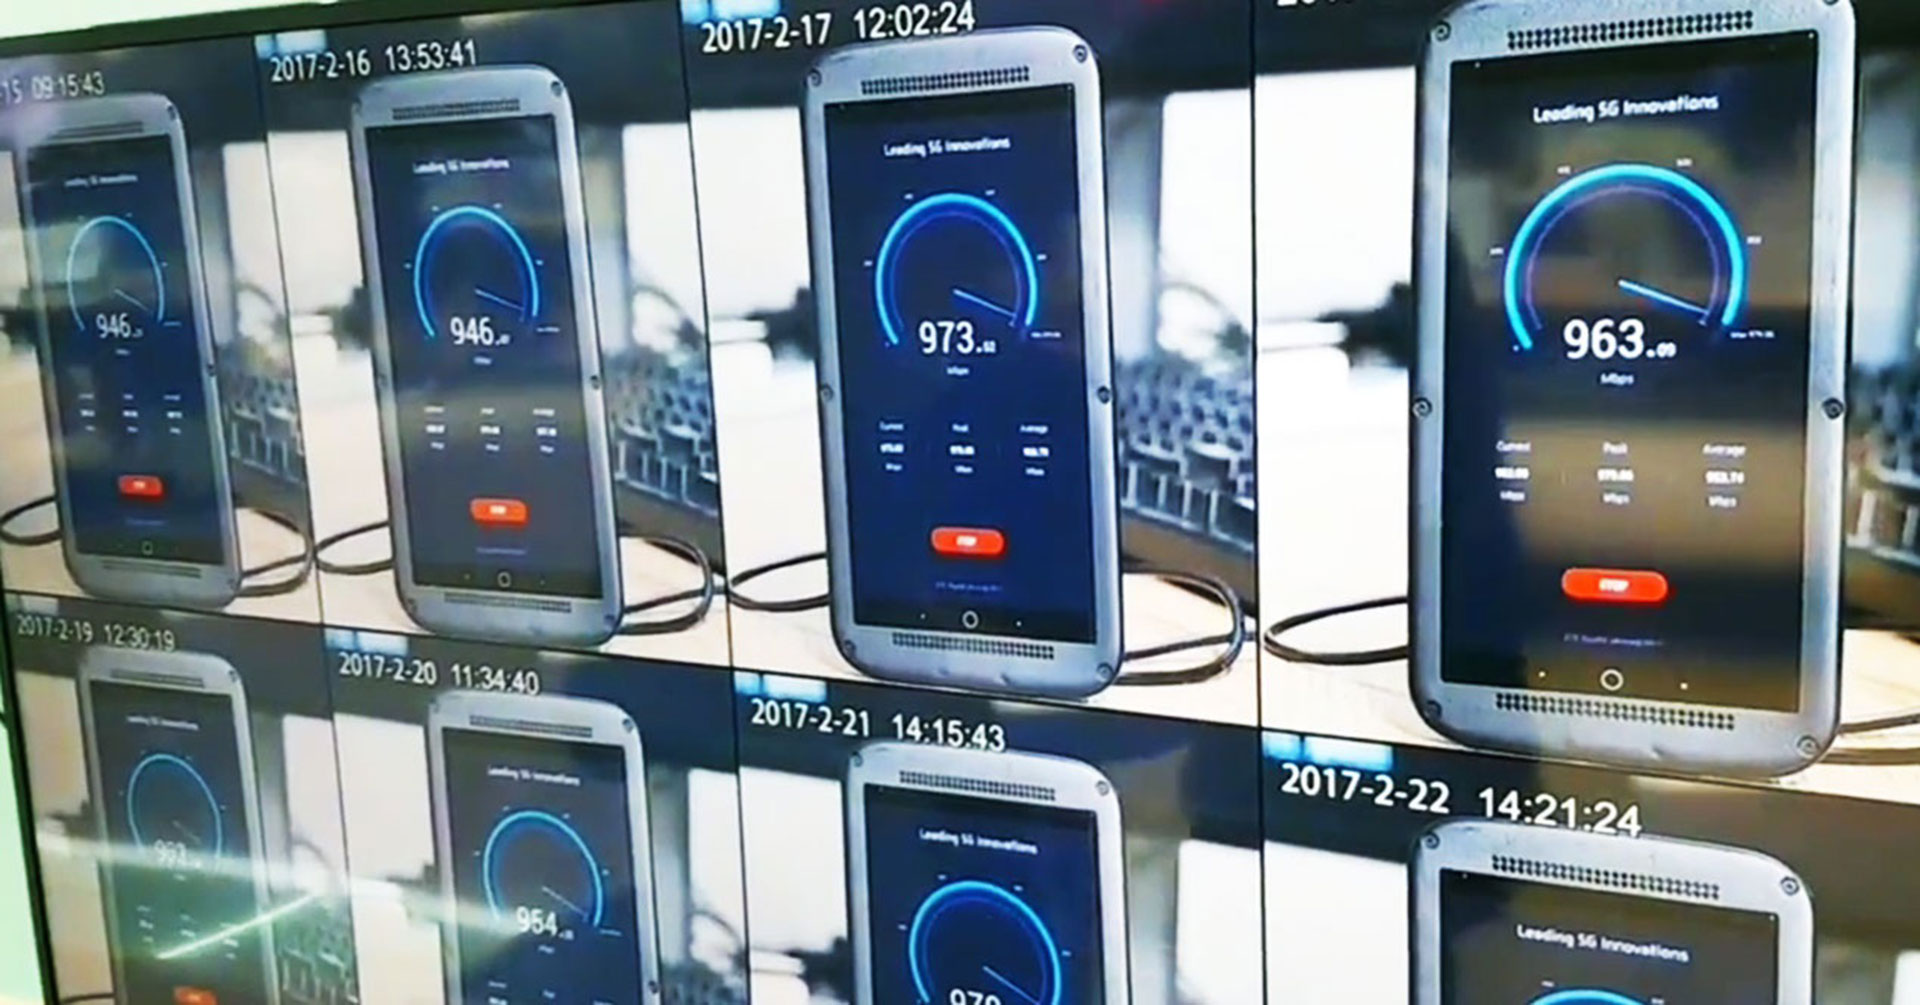 La empresa china cumplió con su promesa de generar el teléfono más veloz del mundo, aunque es un prototipo